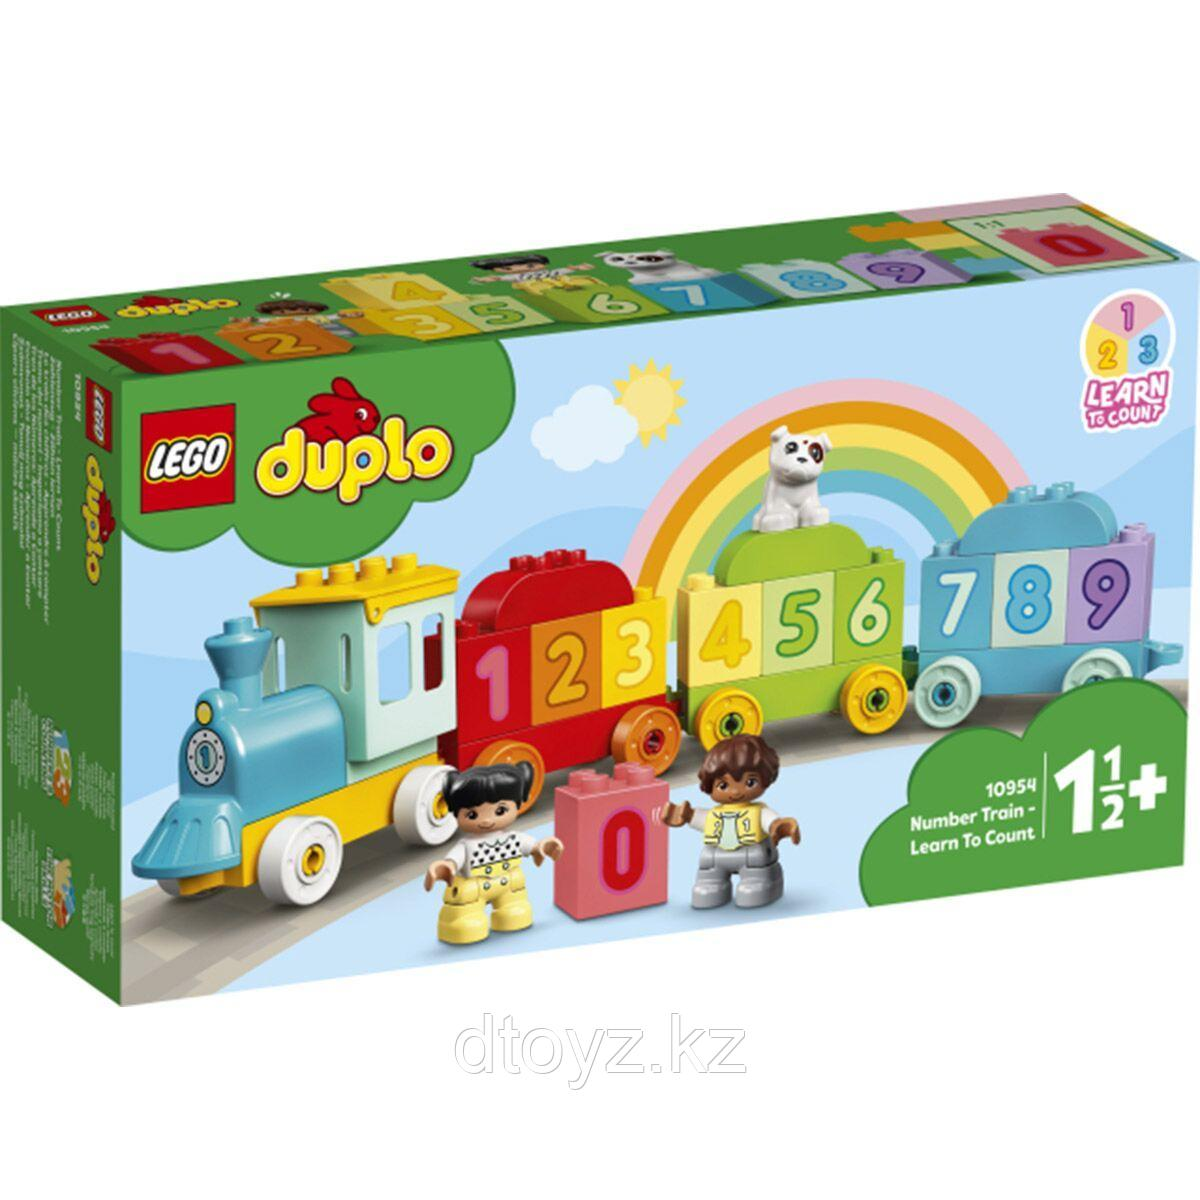 Lego Duplo My First Поезд с цифрами — учимся считать 10954